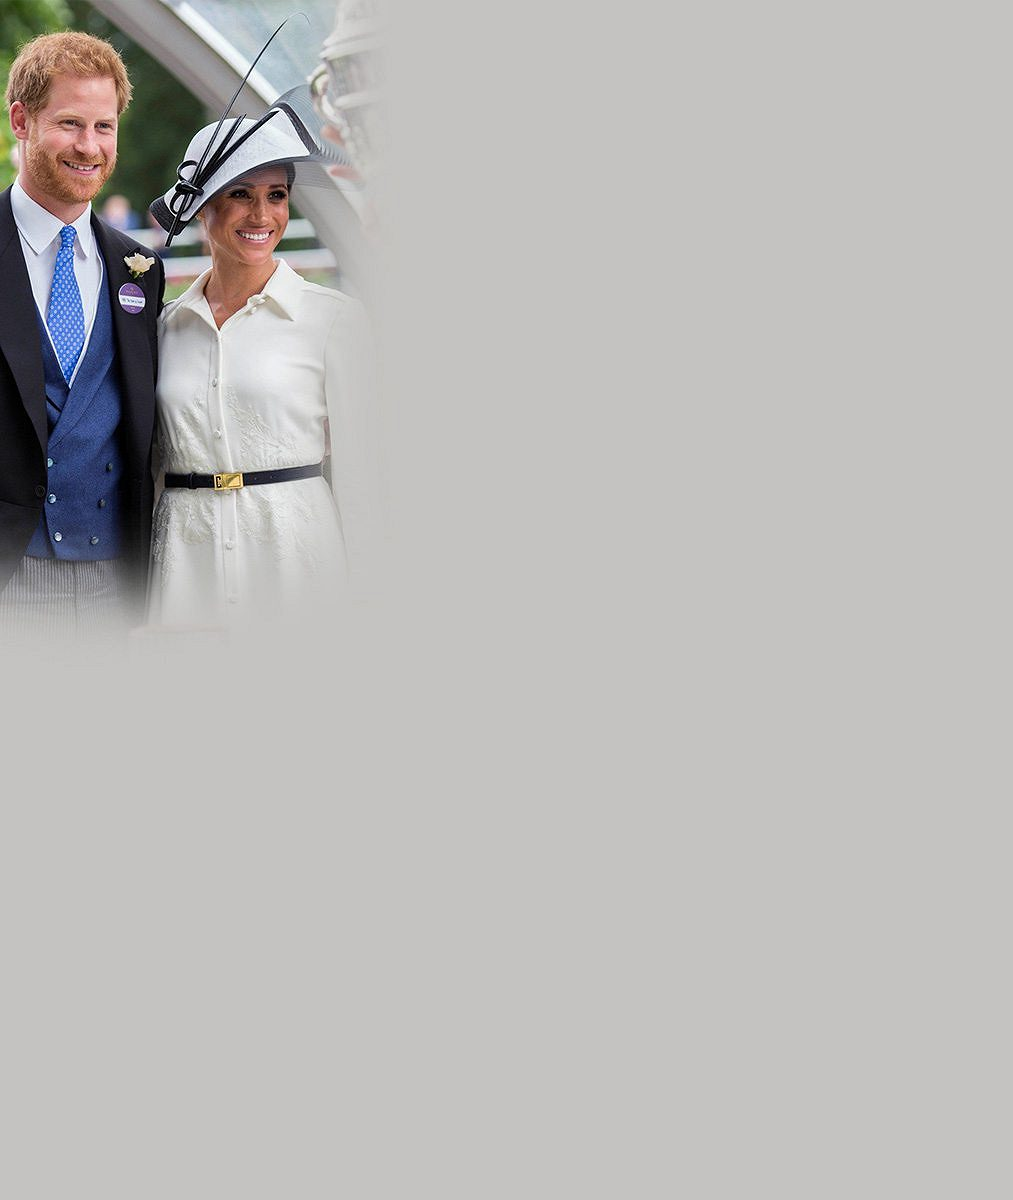 Meghan změnila účes a nápadně se podobá vévodkyni Kate. Snaží se snad kopírovat její decentní styl?